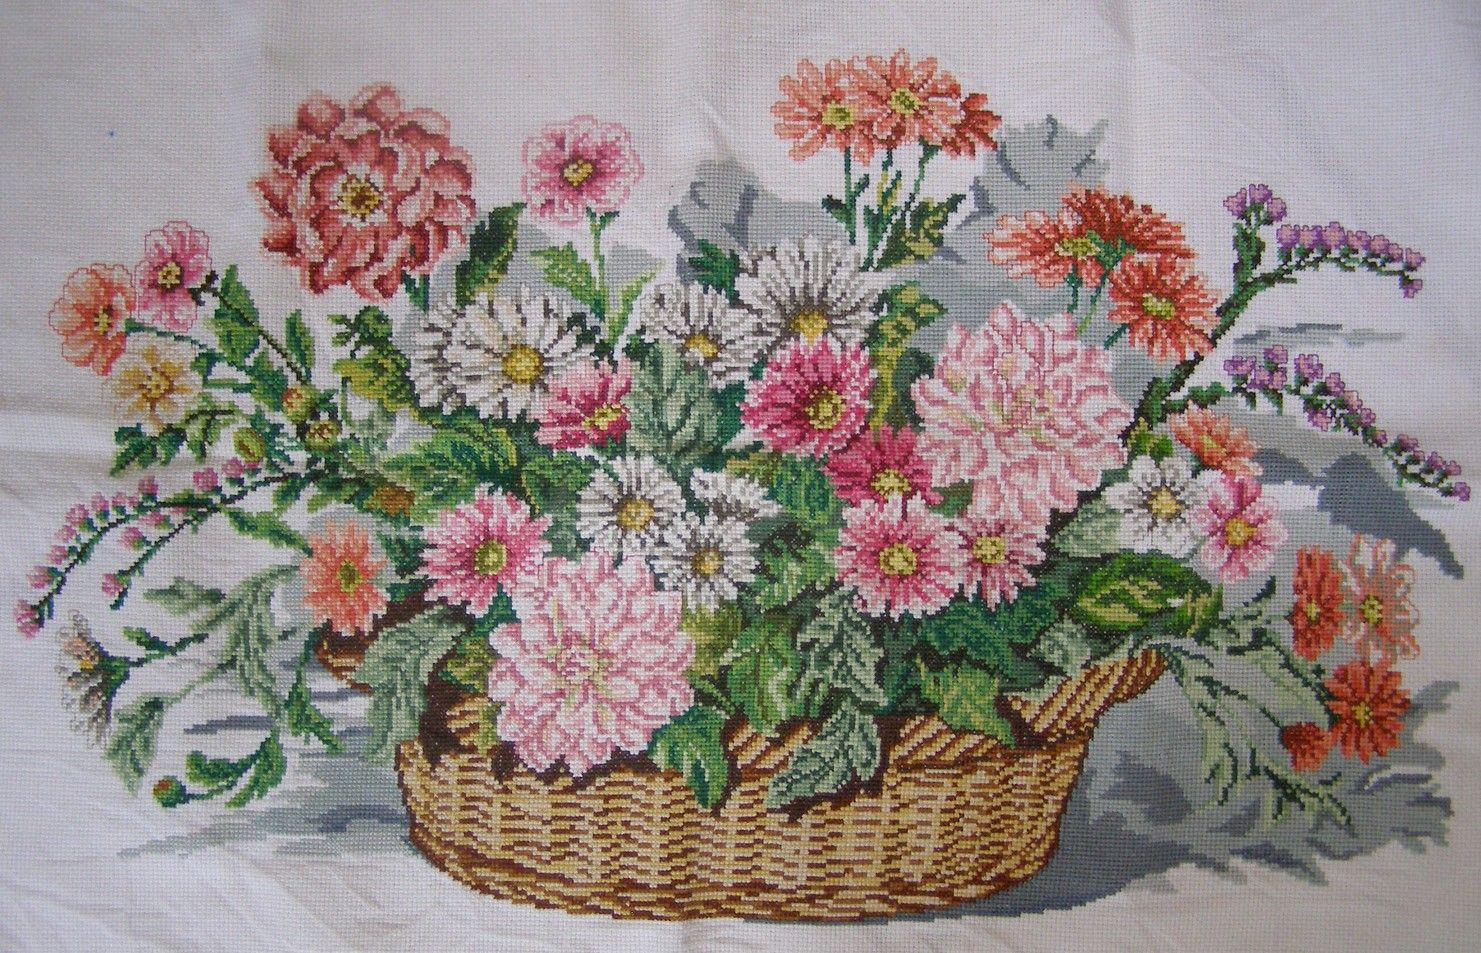 Bouquet de fleurs centerblog - Catalogue de fleurs gratuit ...